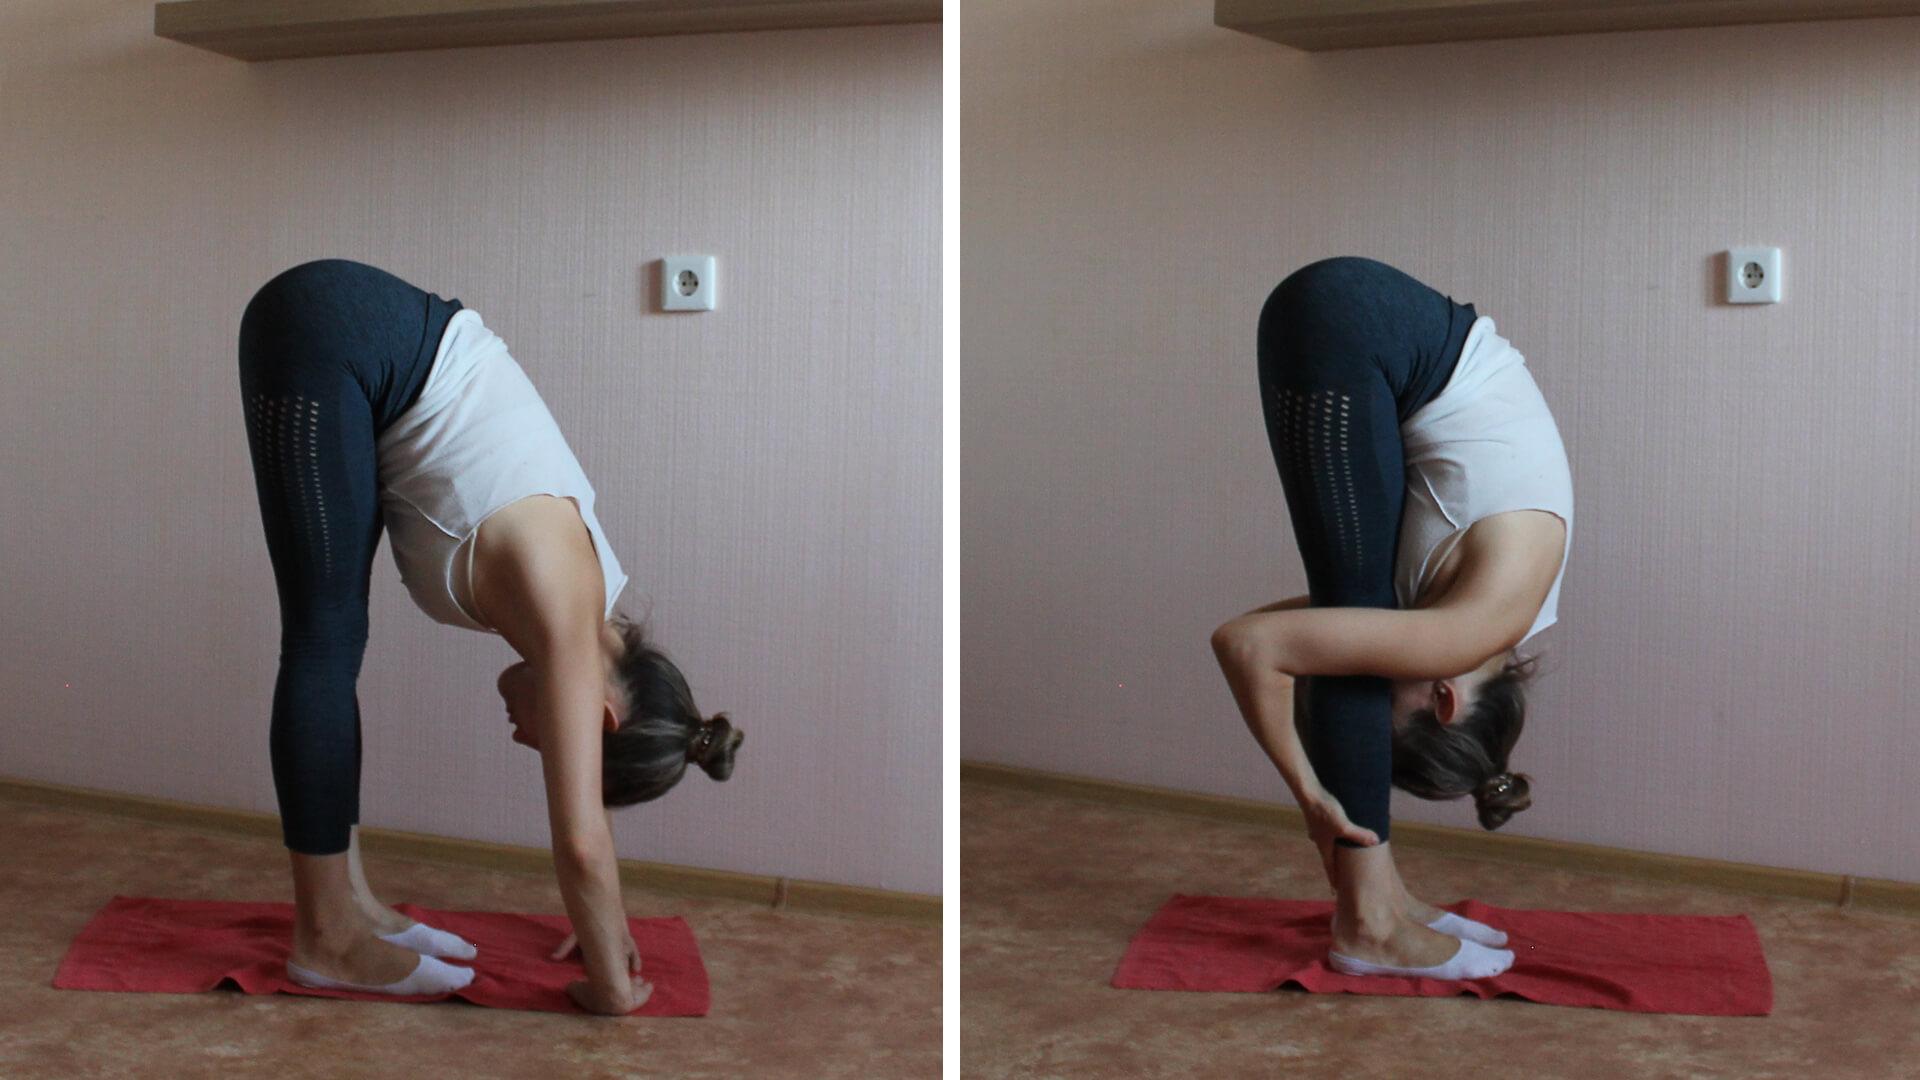 Натяжение задних мышц ног из положения стоя: фото упражнения.